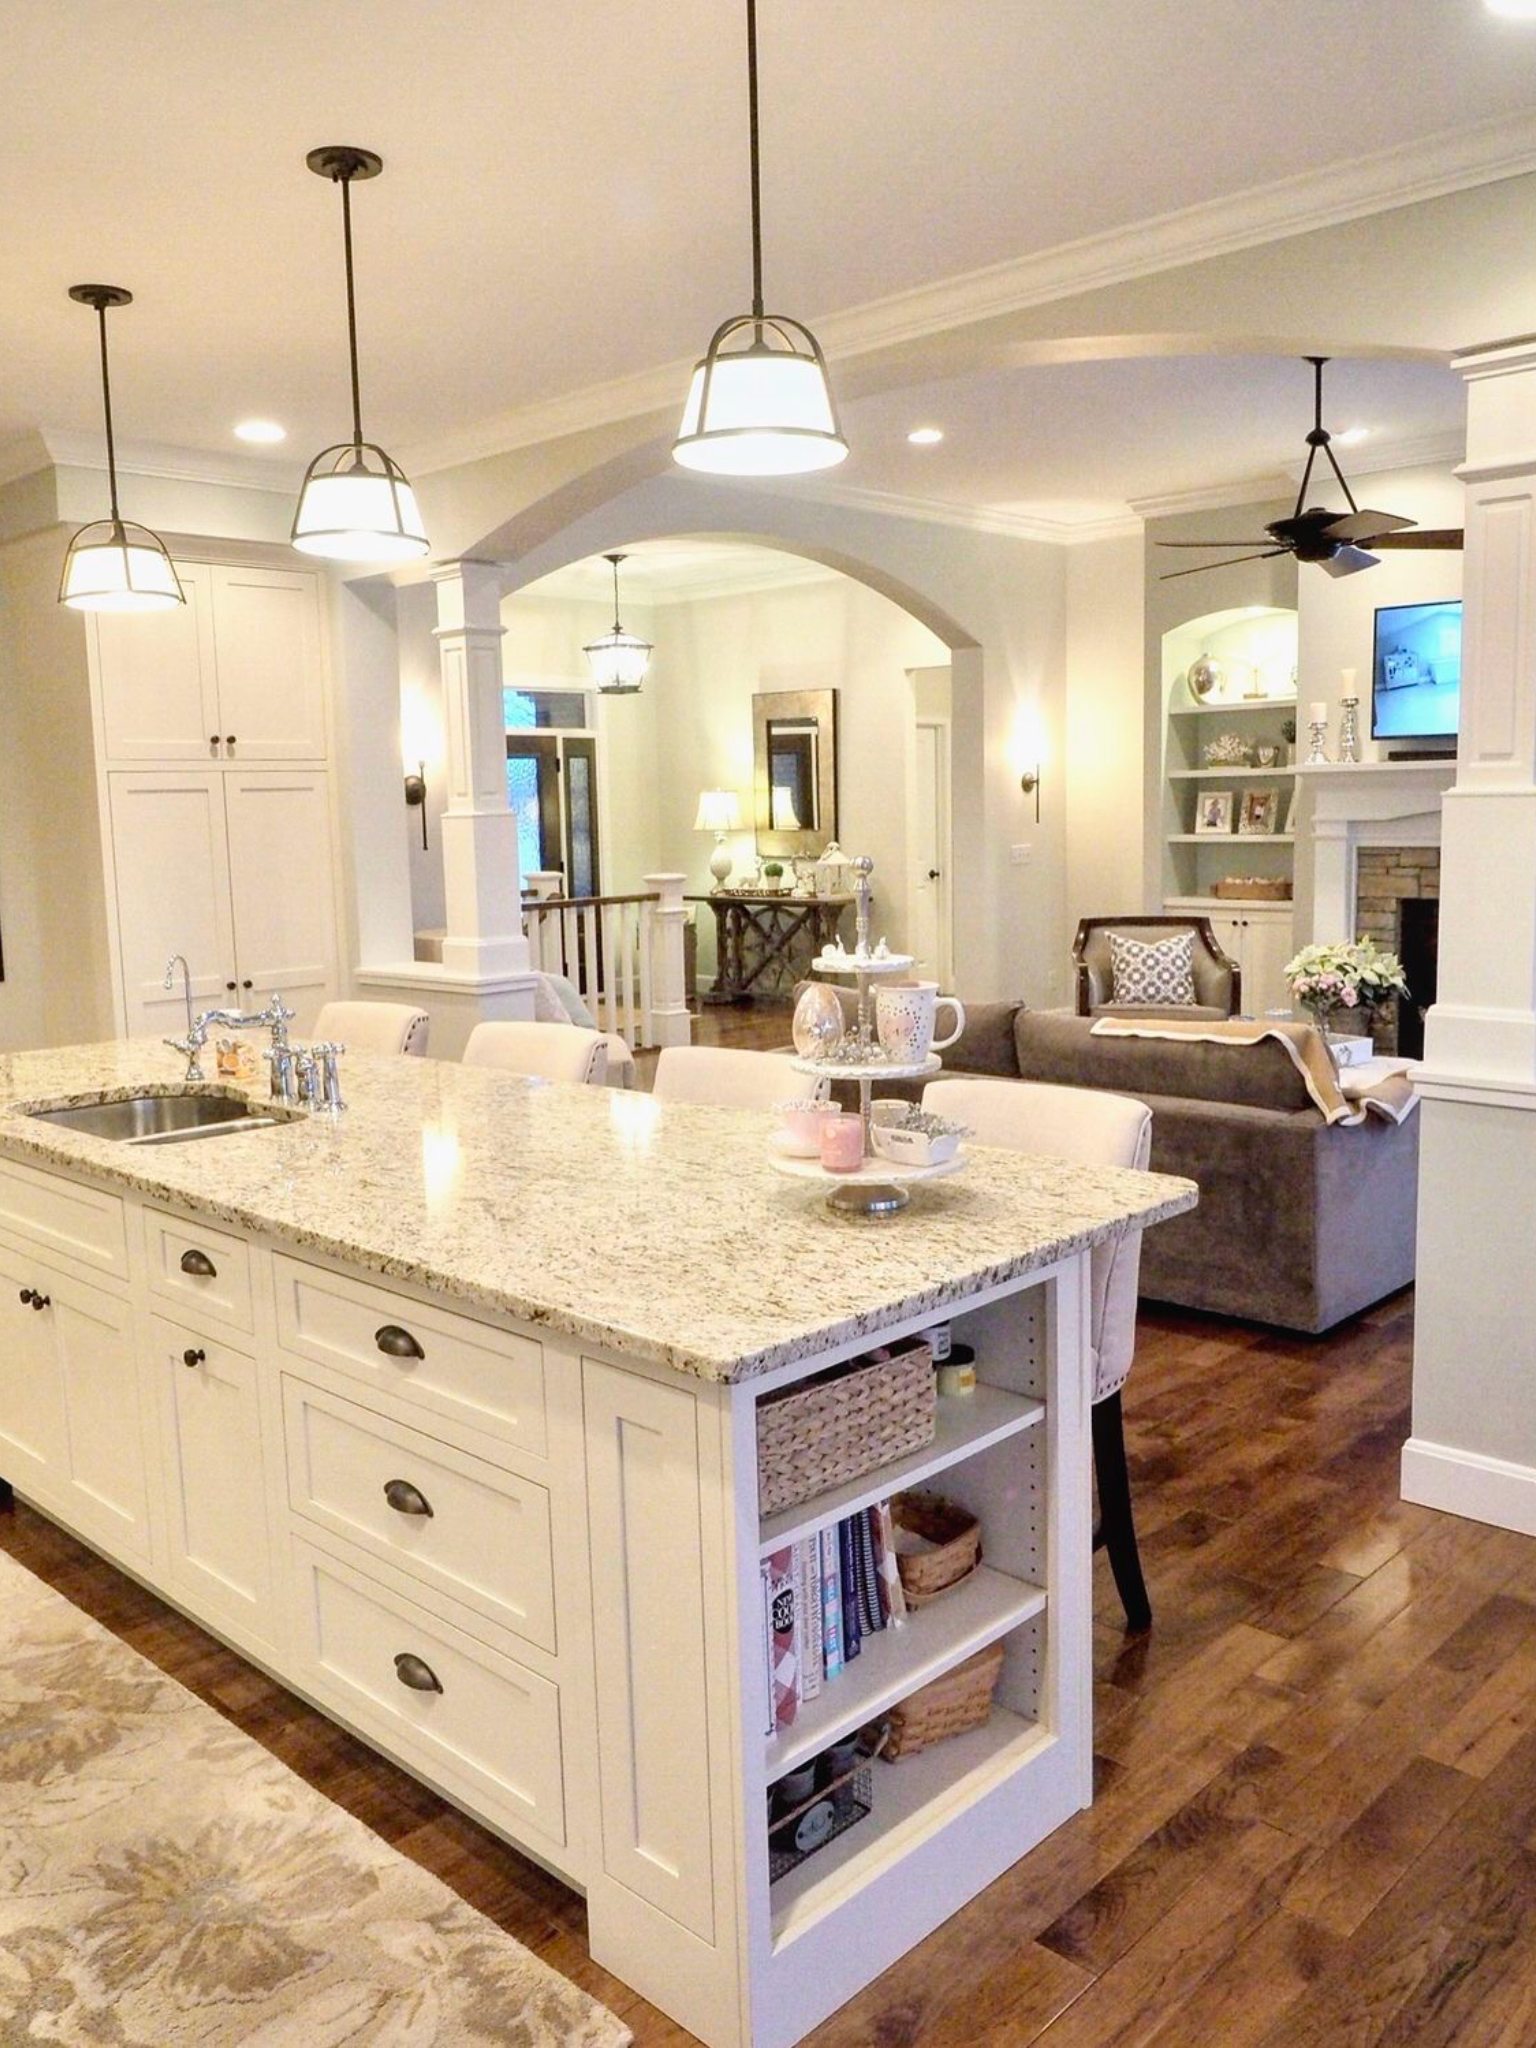 54 exceptional kitchen designs in 2018 | kitchen design ideas